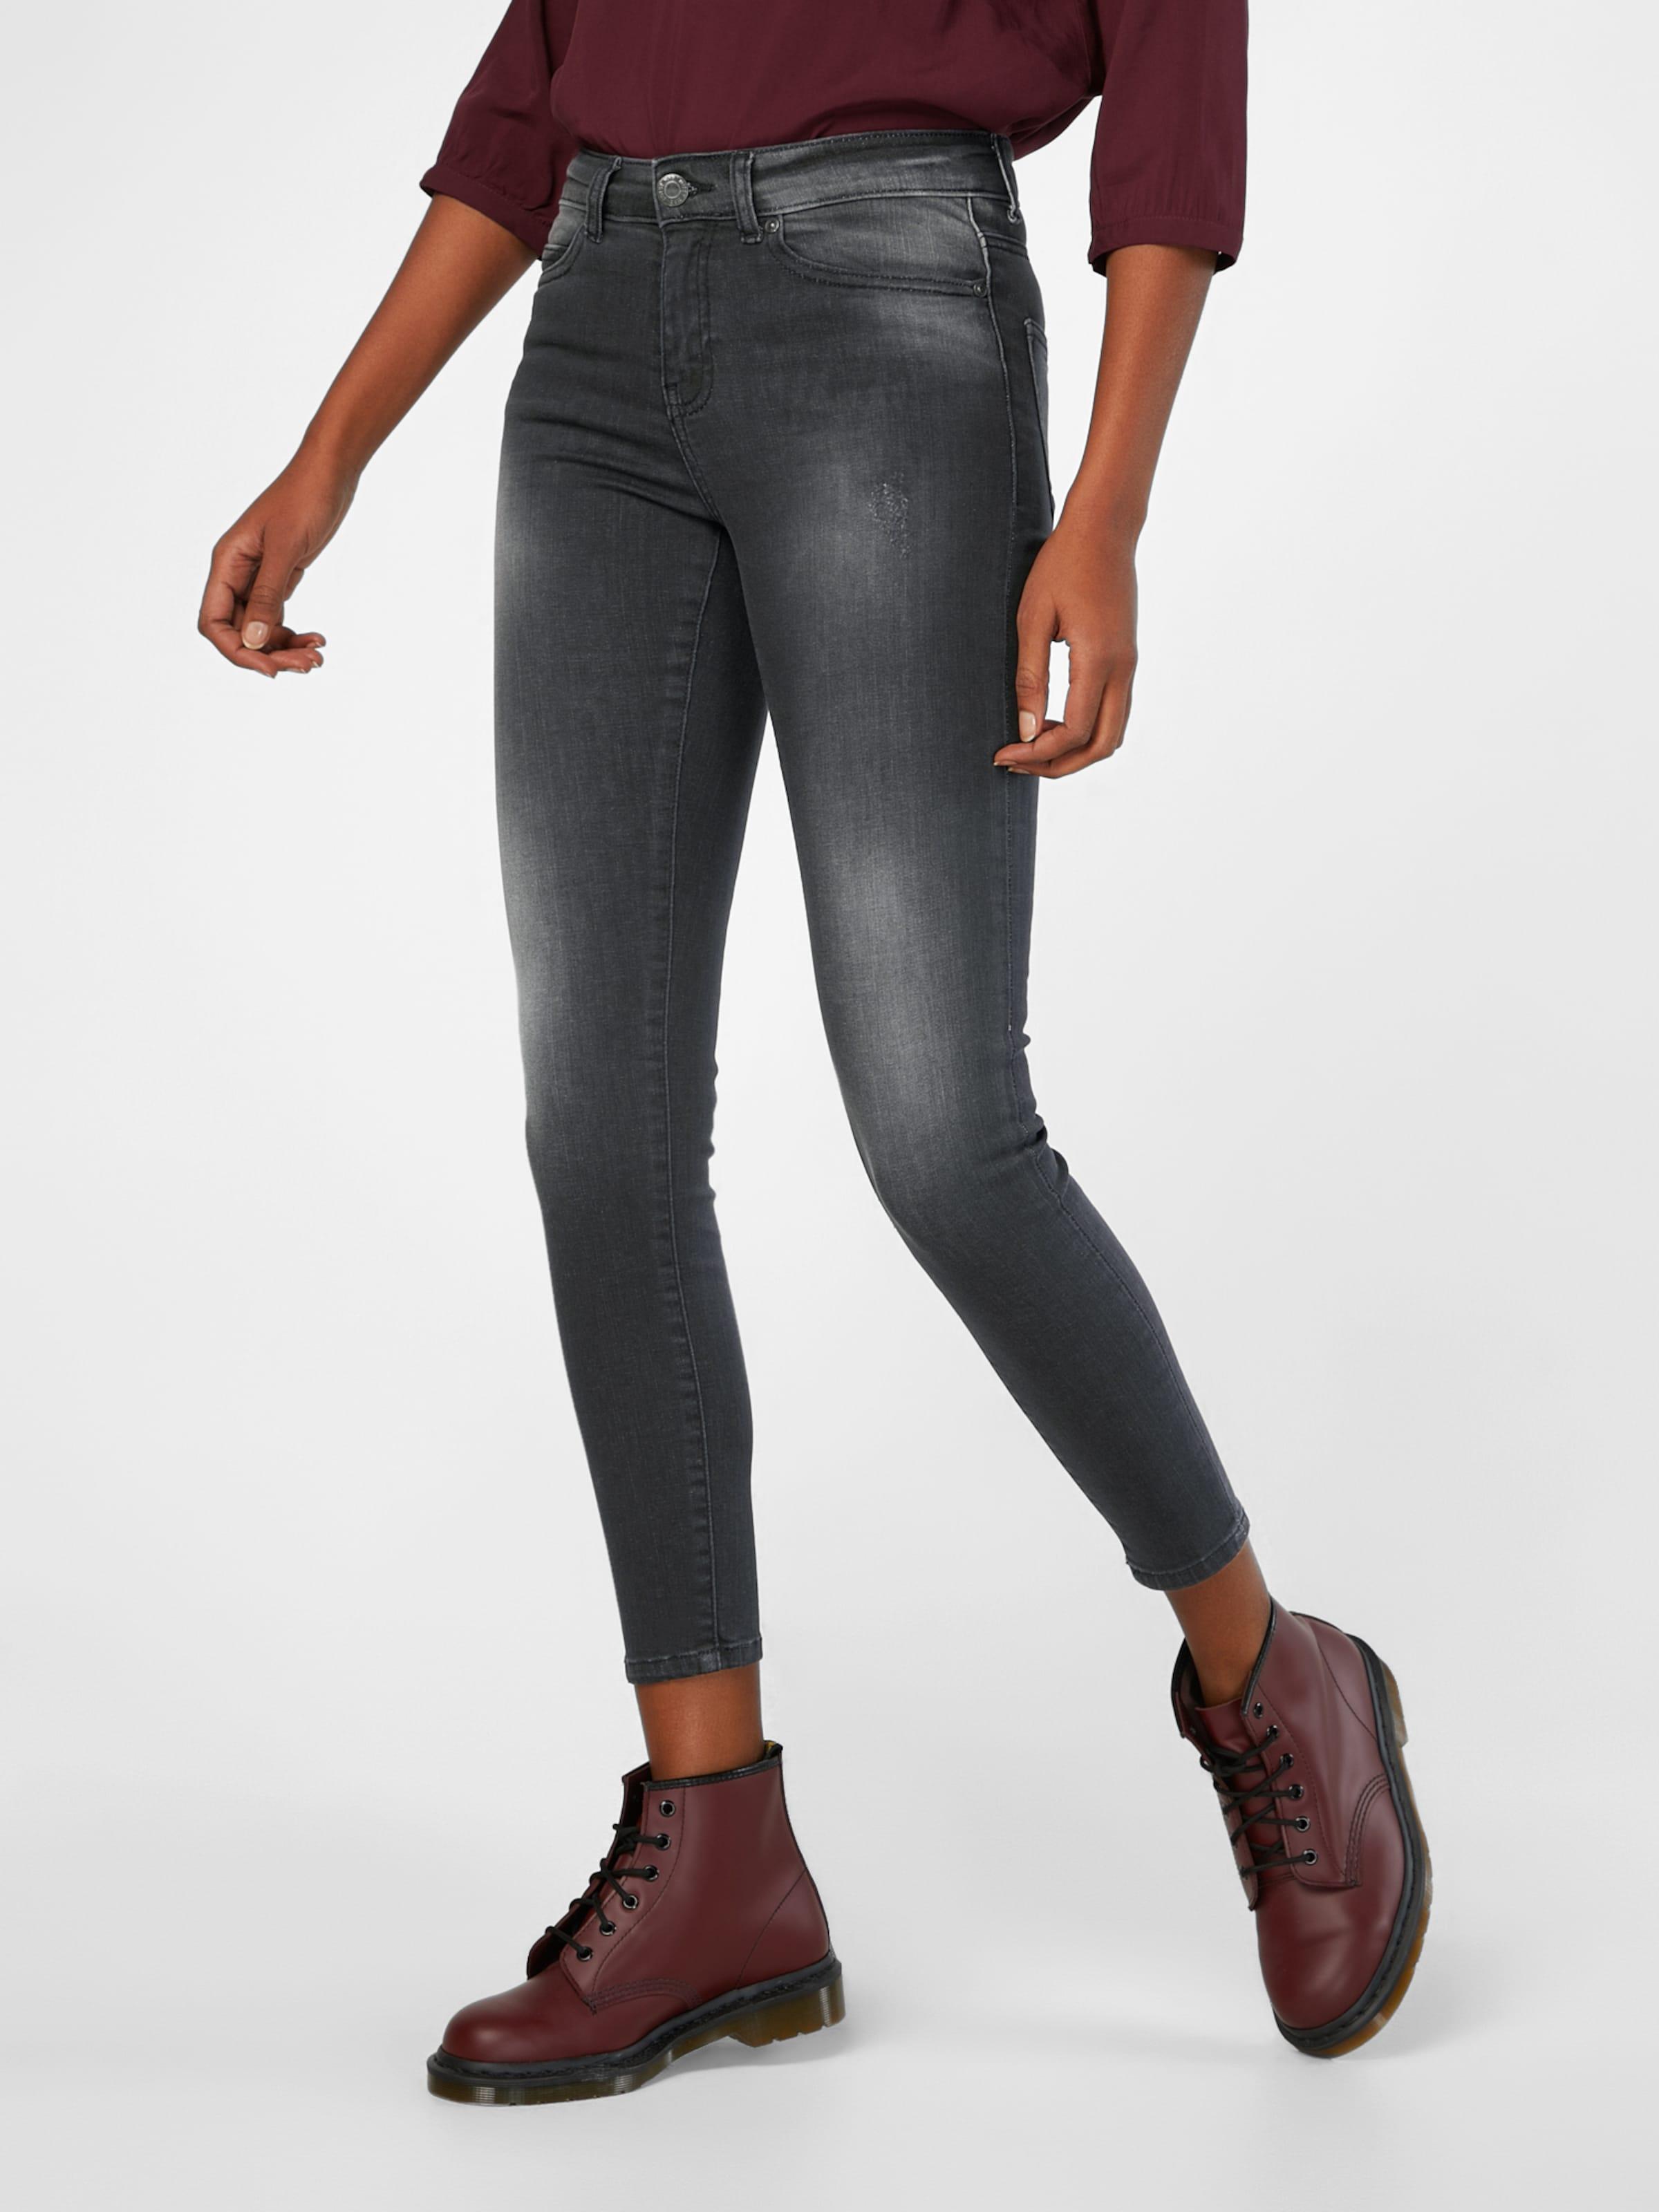 Noisy may Skinny Jeans Spielraum Neuesten Kollektionen Billig Verkauf Für Schön Hyper Online StSn7NE